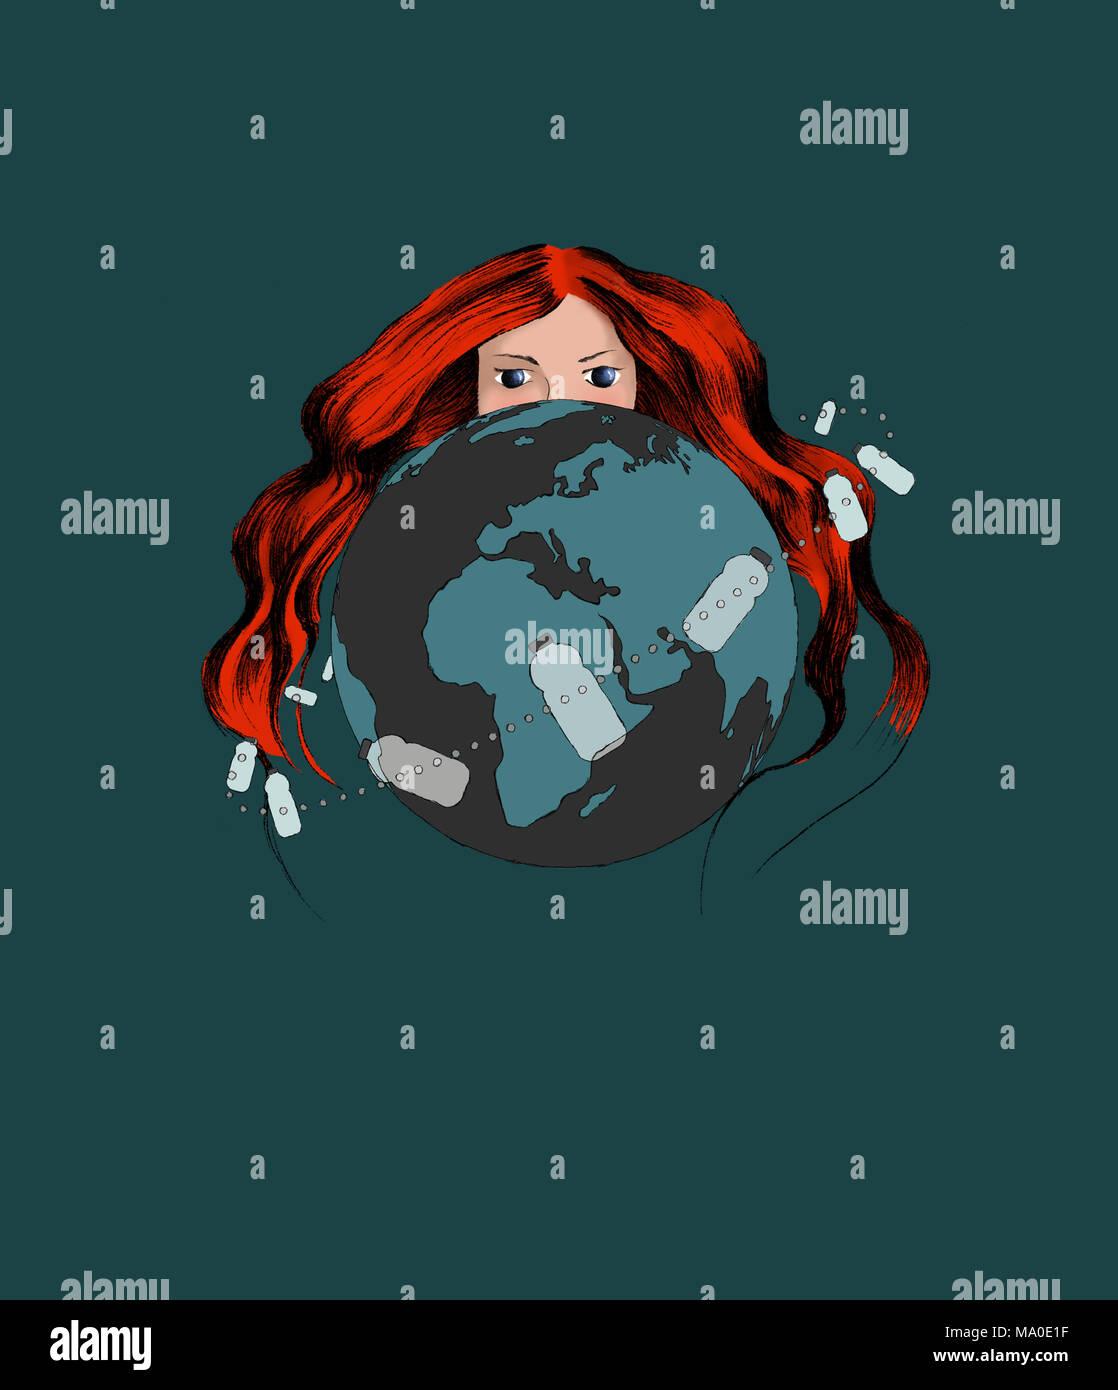 Avec l'affiche: thème écologique la pollution plastique. Femme rousse représentant la terre mère se cacher derrière la planète Terre. Photo Stock